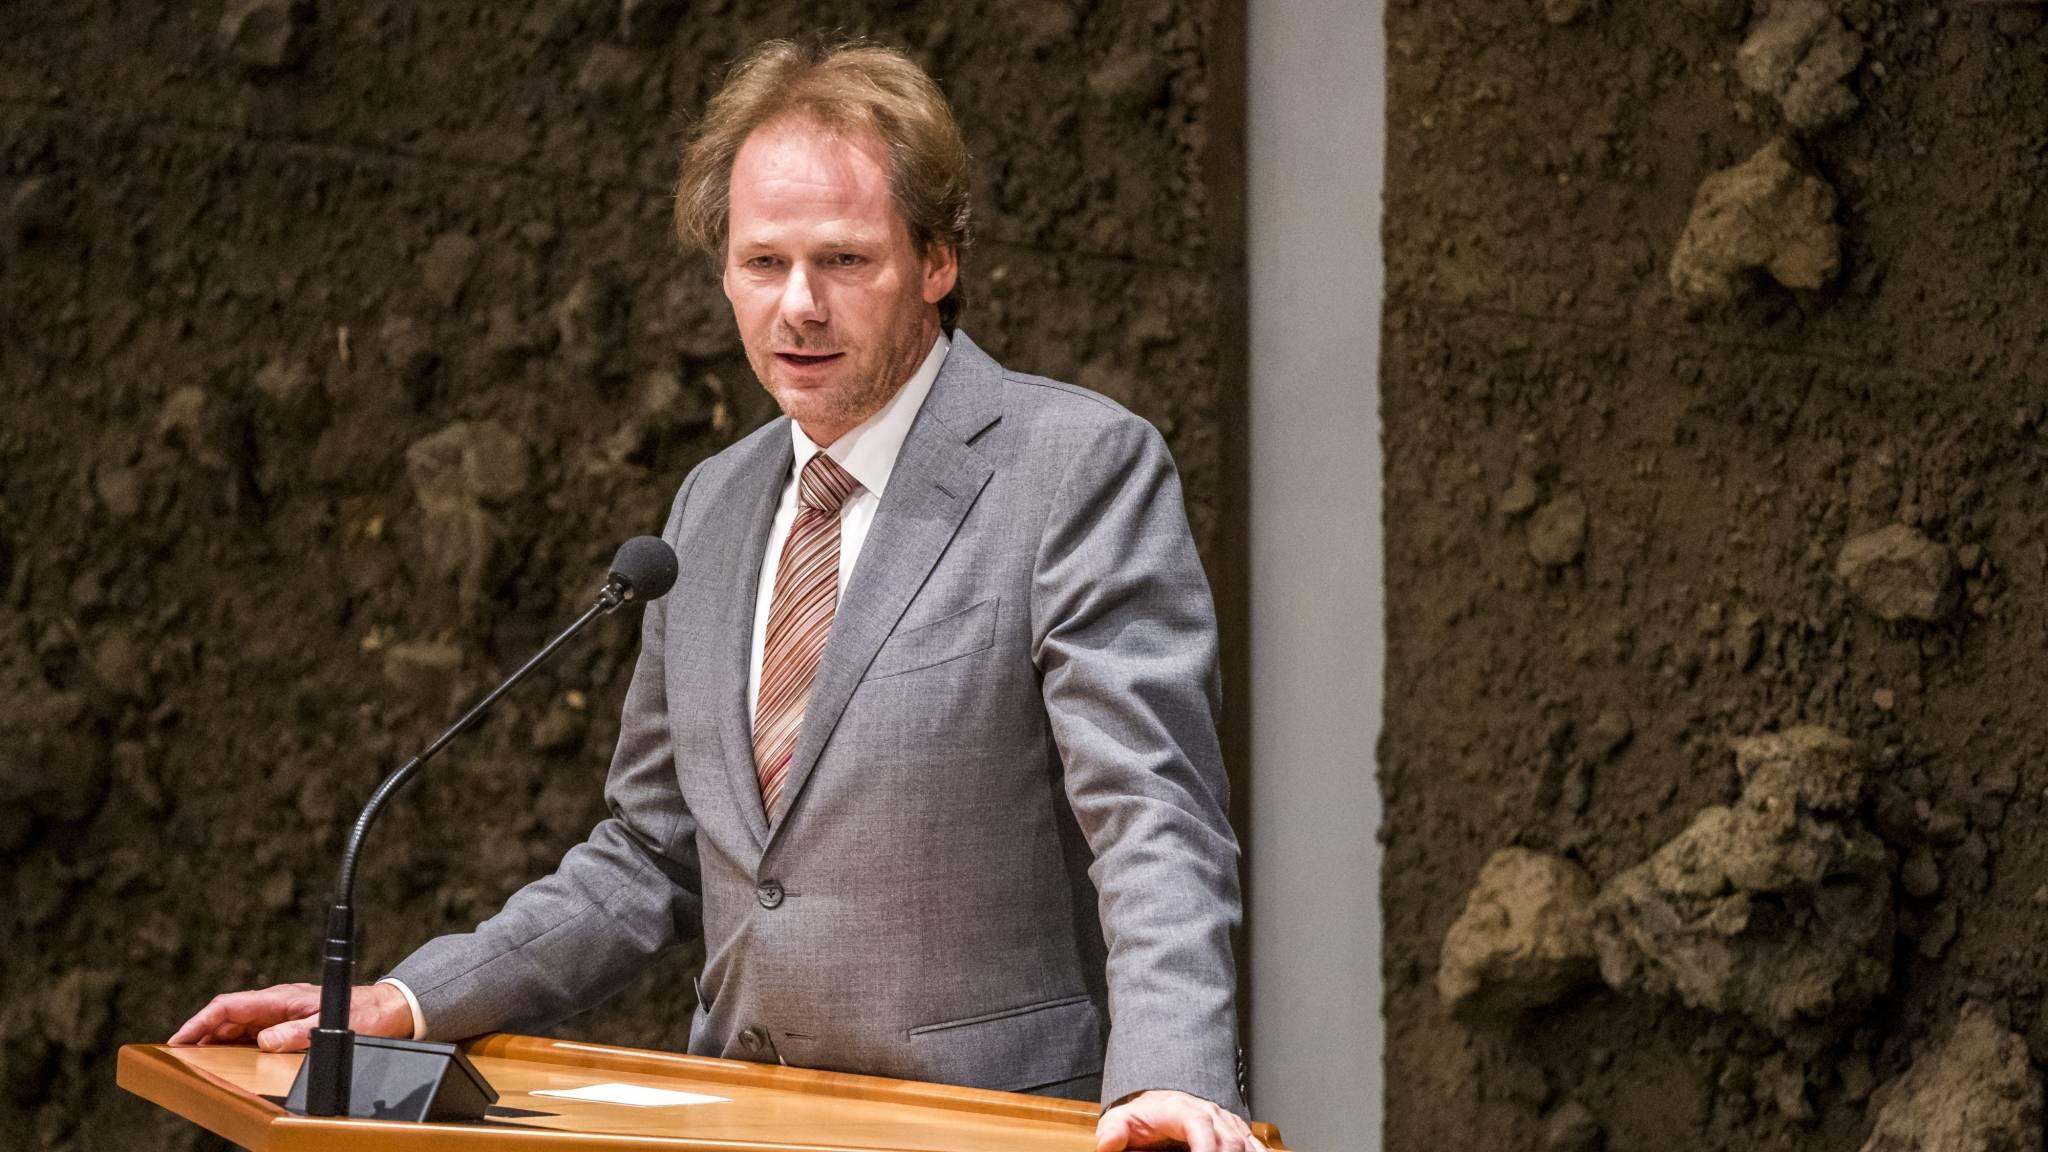 GroenLinks-Kamerlid Snels stapt op vanwege samenwerking PvdA